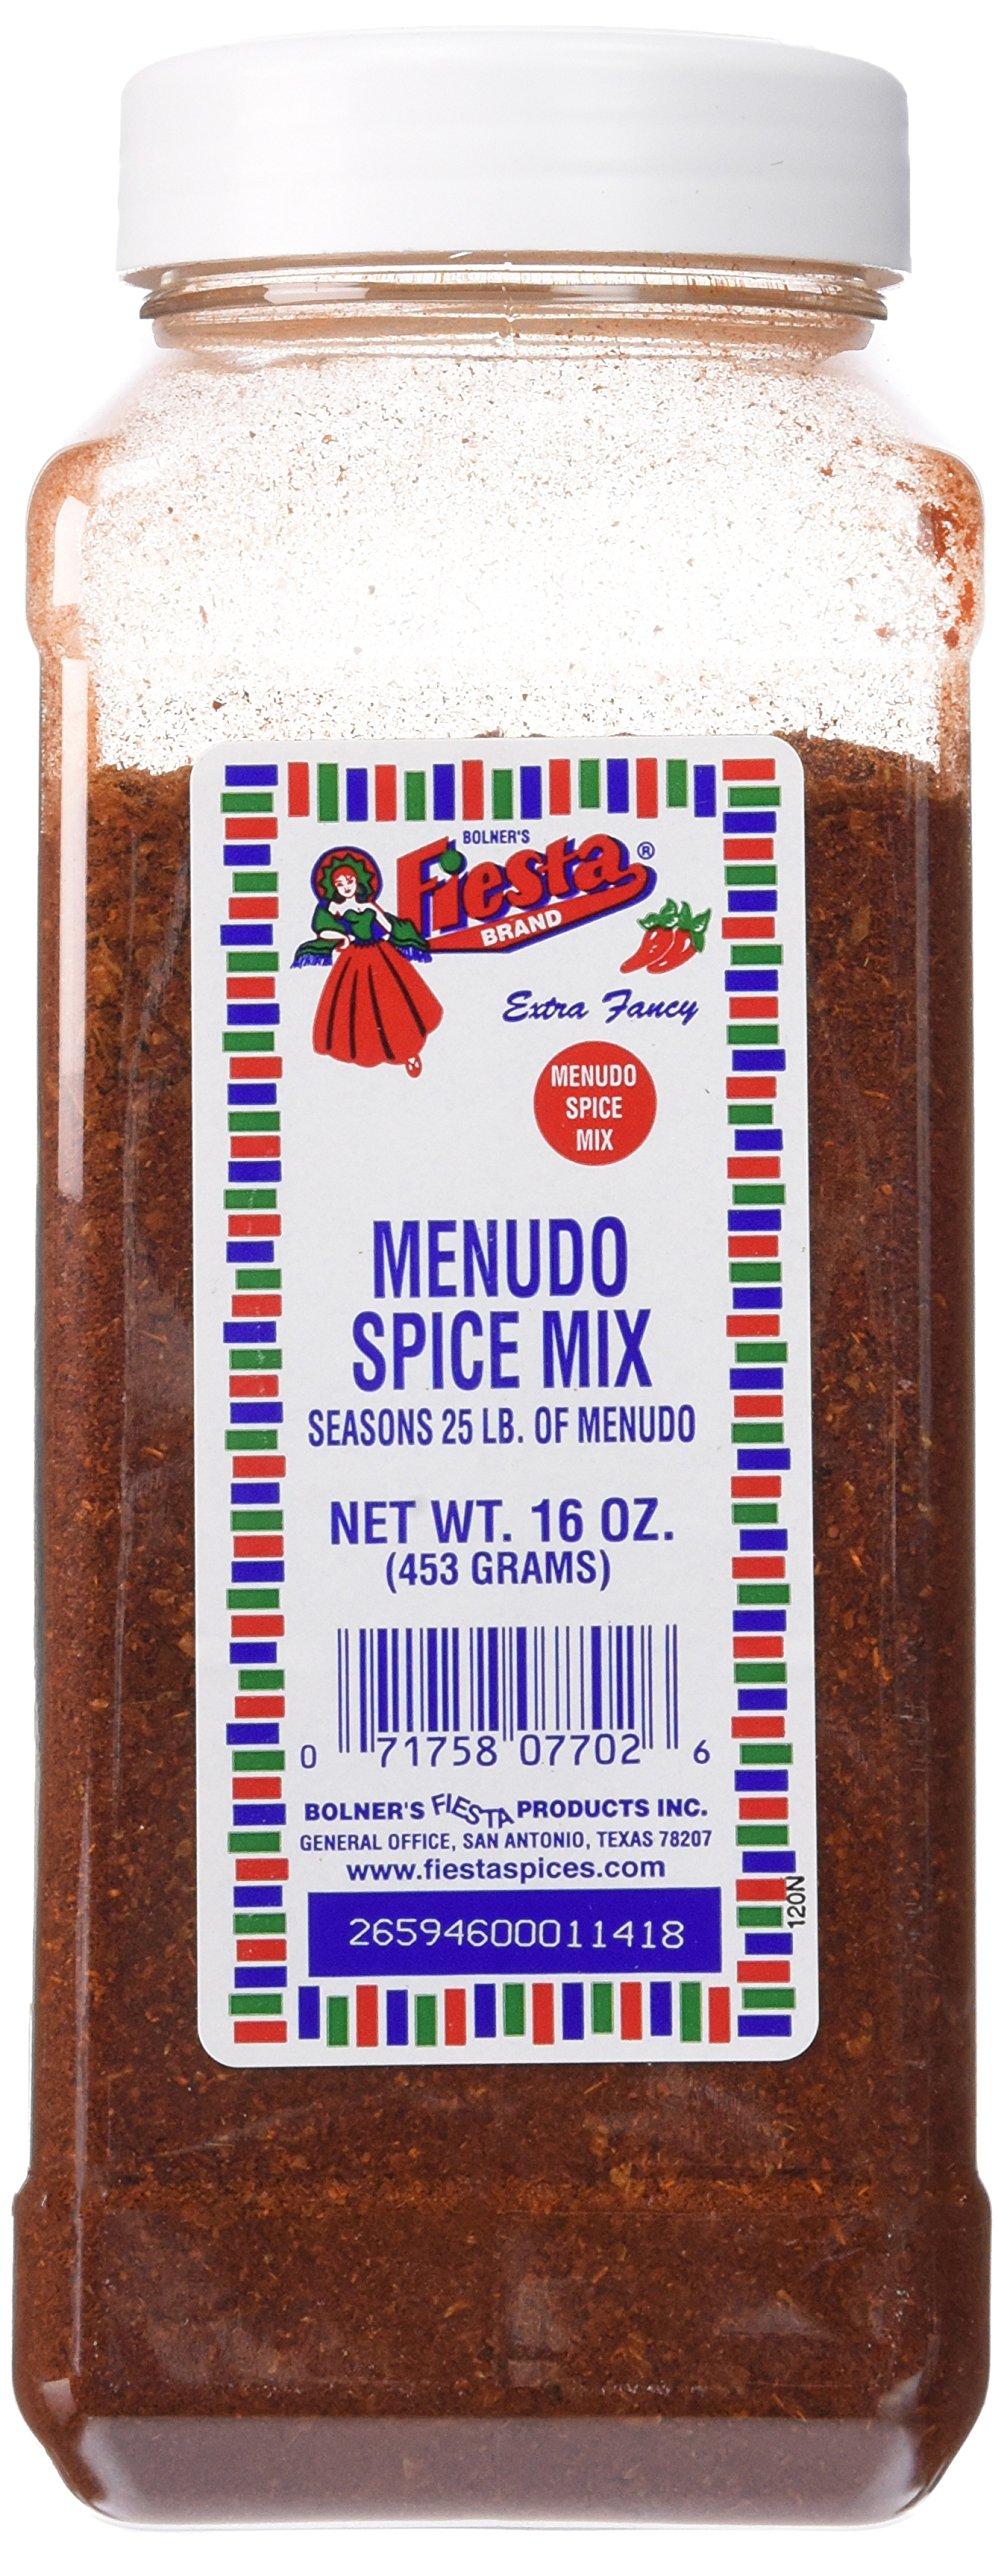 Bolner's Fiesta Extra Fancy Menudo Spice Mix, 16 Oz.